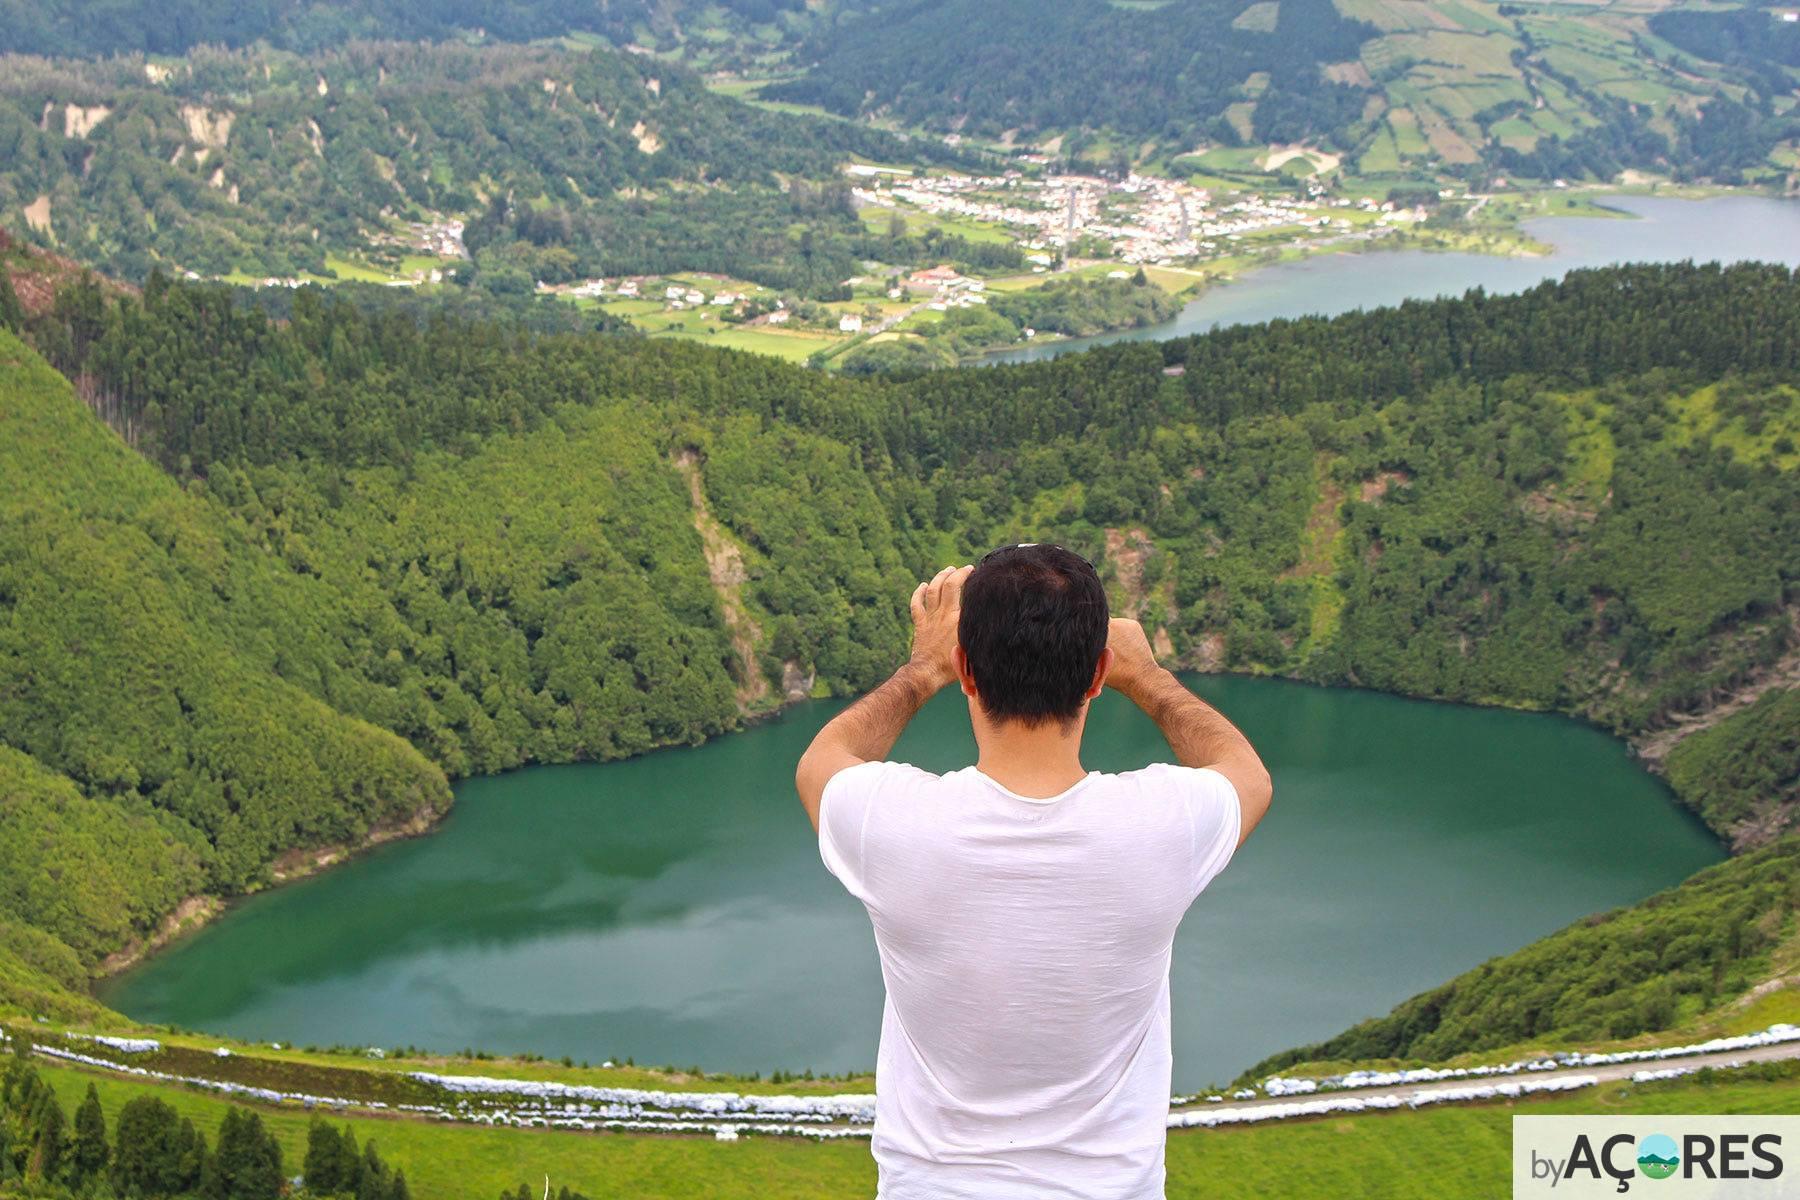 Turismo - Miradouro da Grota do Inferno - São Miguel, Açores